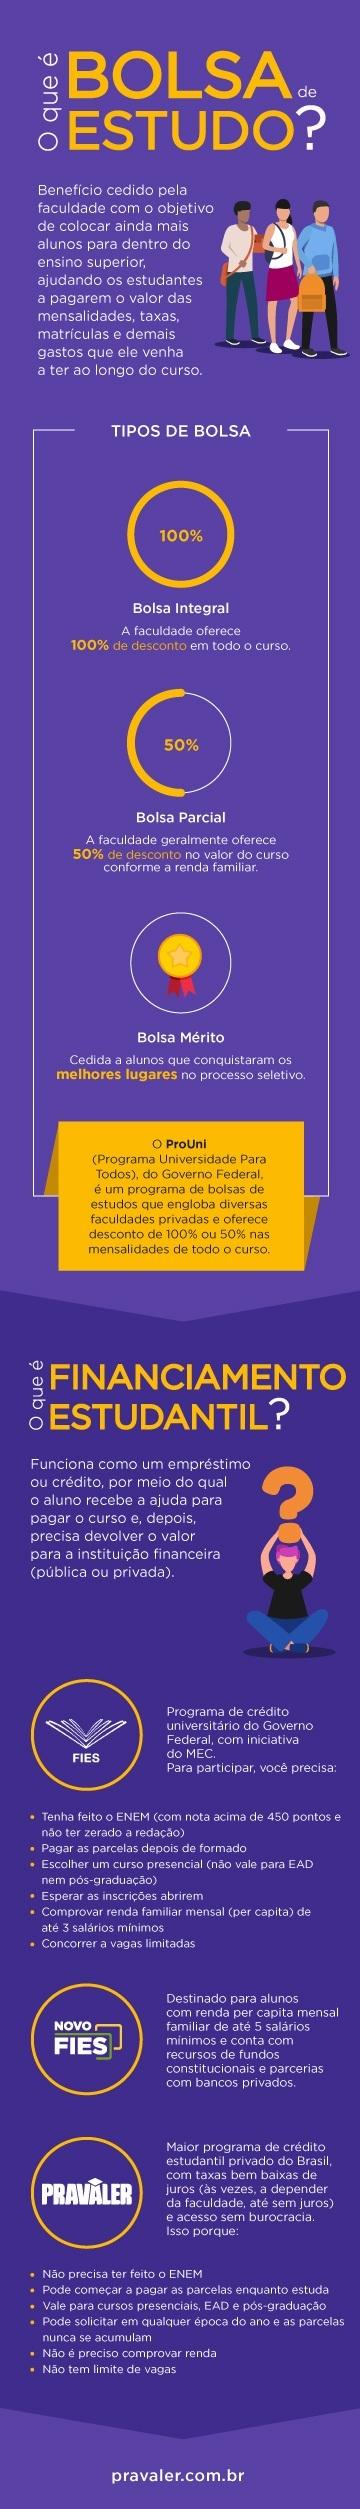 infográfico mostrando as diferenças entre bolsa de estudo e financiamento estudantil